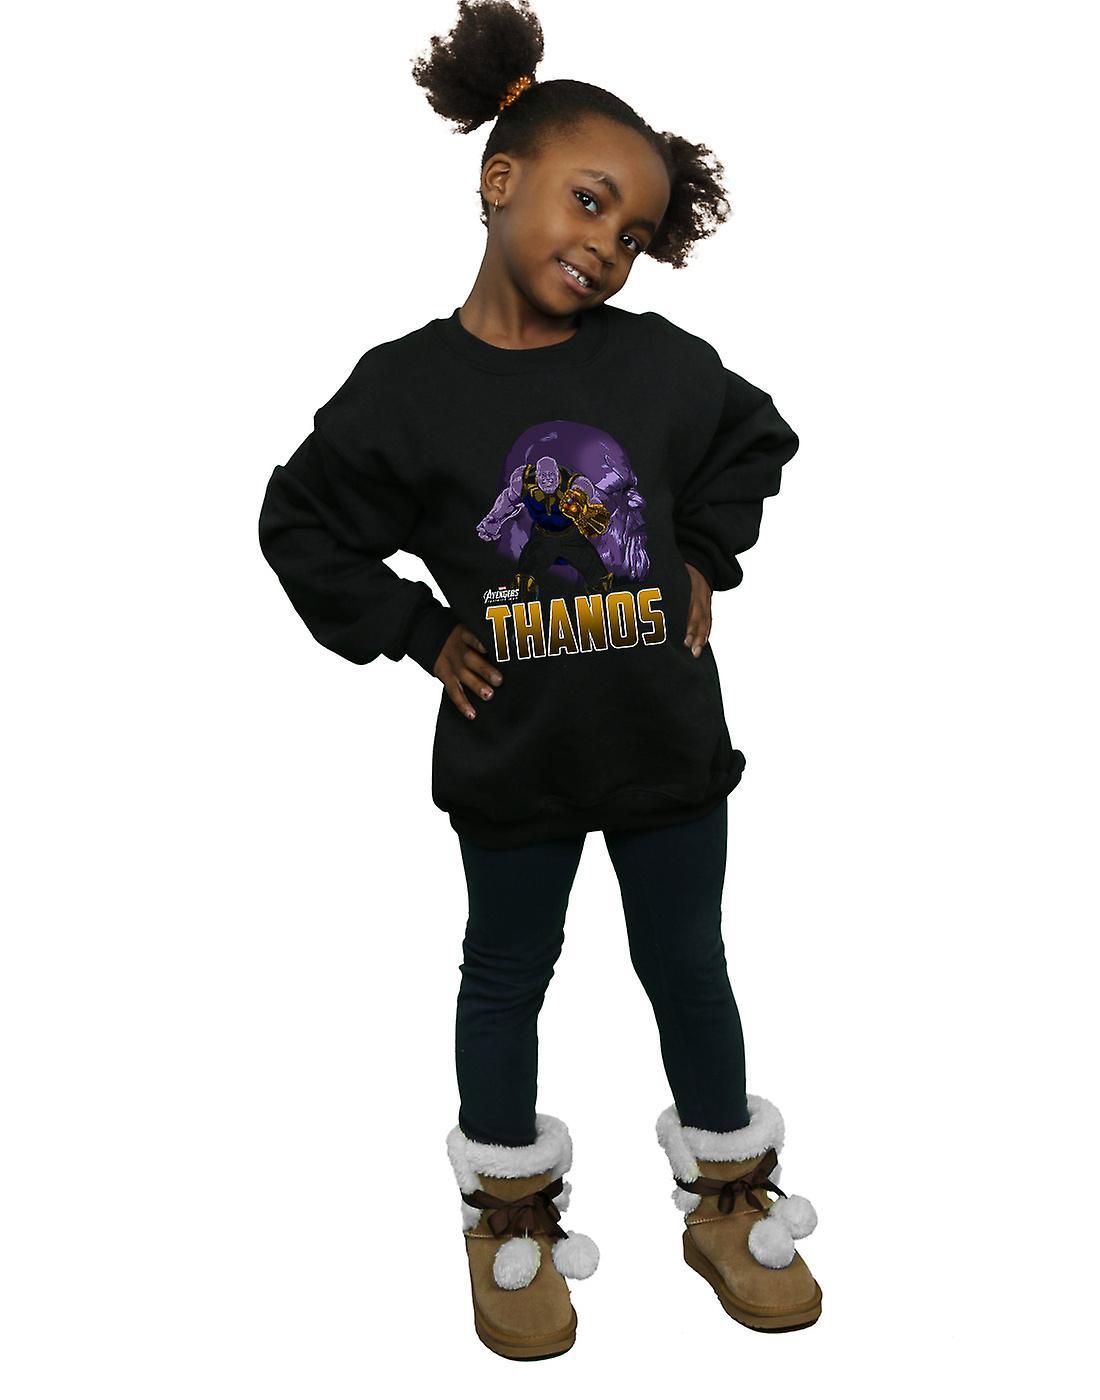 Merveille filles Vengeurs Infinity War Thanos caractère Sweatshirt